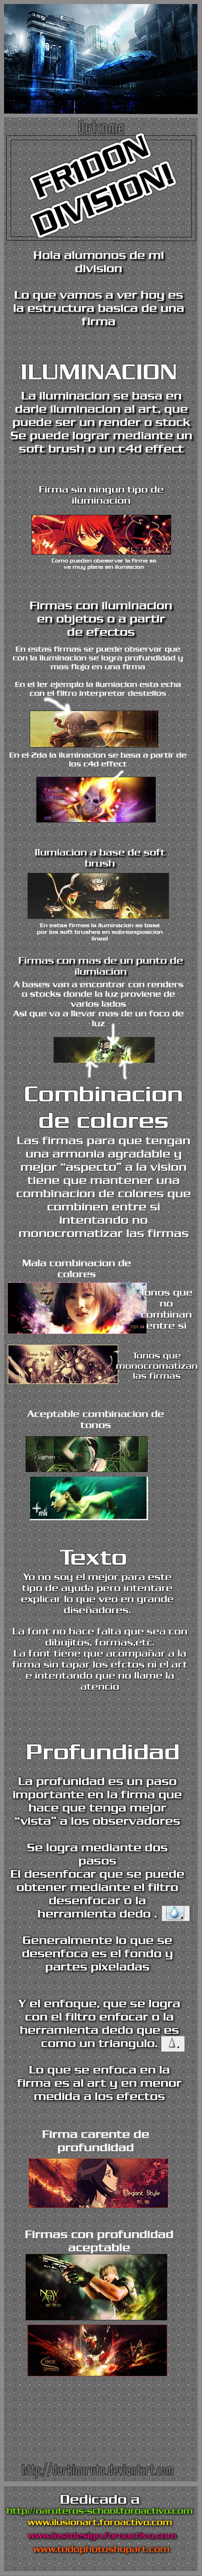 Cosas basicas del photoshop Cosas_Basicas_del_PS_by_darkinaruto